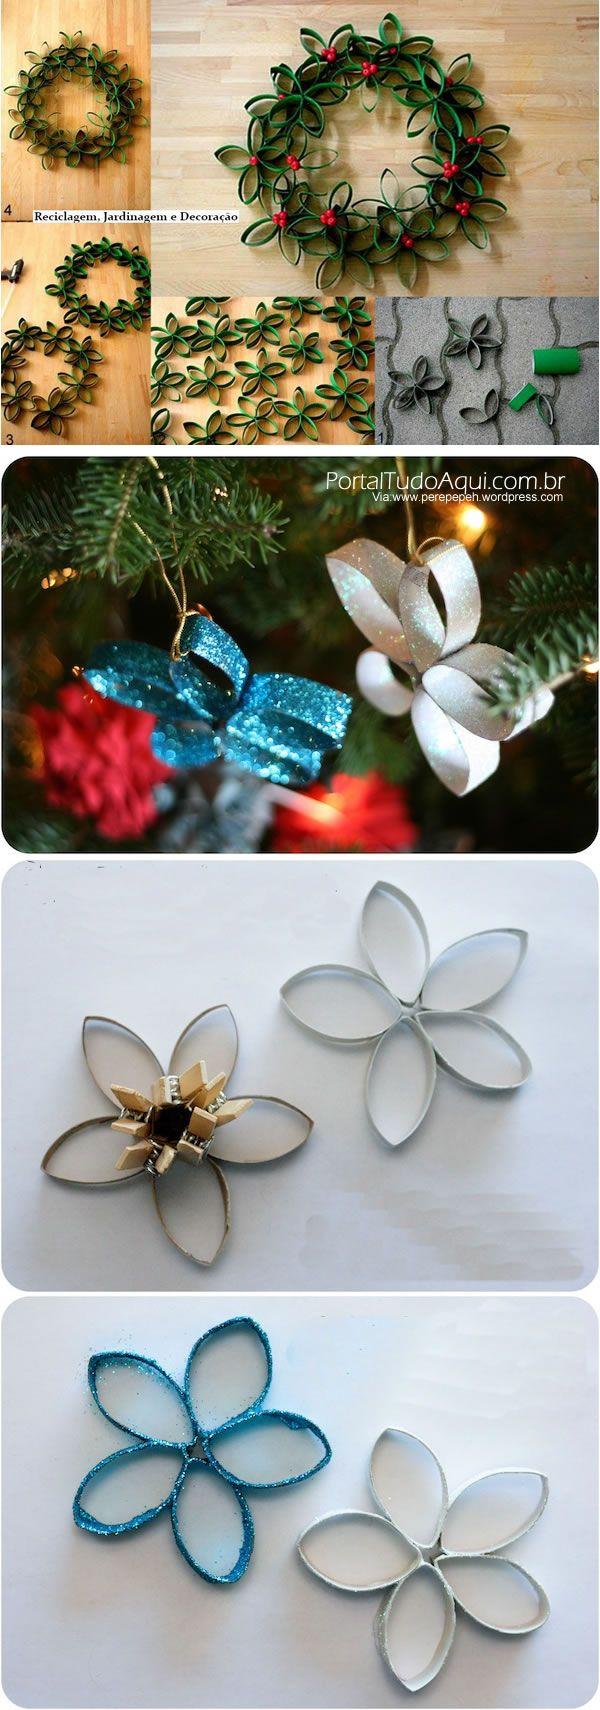 Decoração criativa, baratinha e simples para o Natal- Dicas e o passo a passo